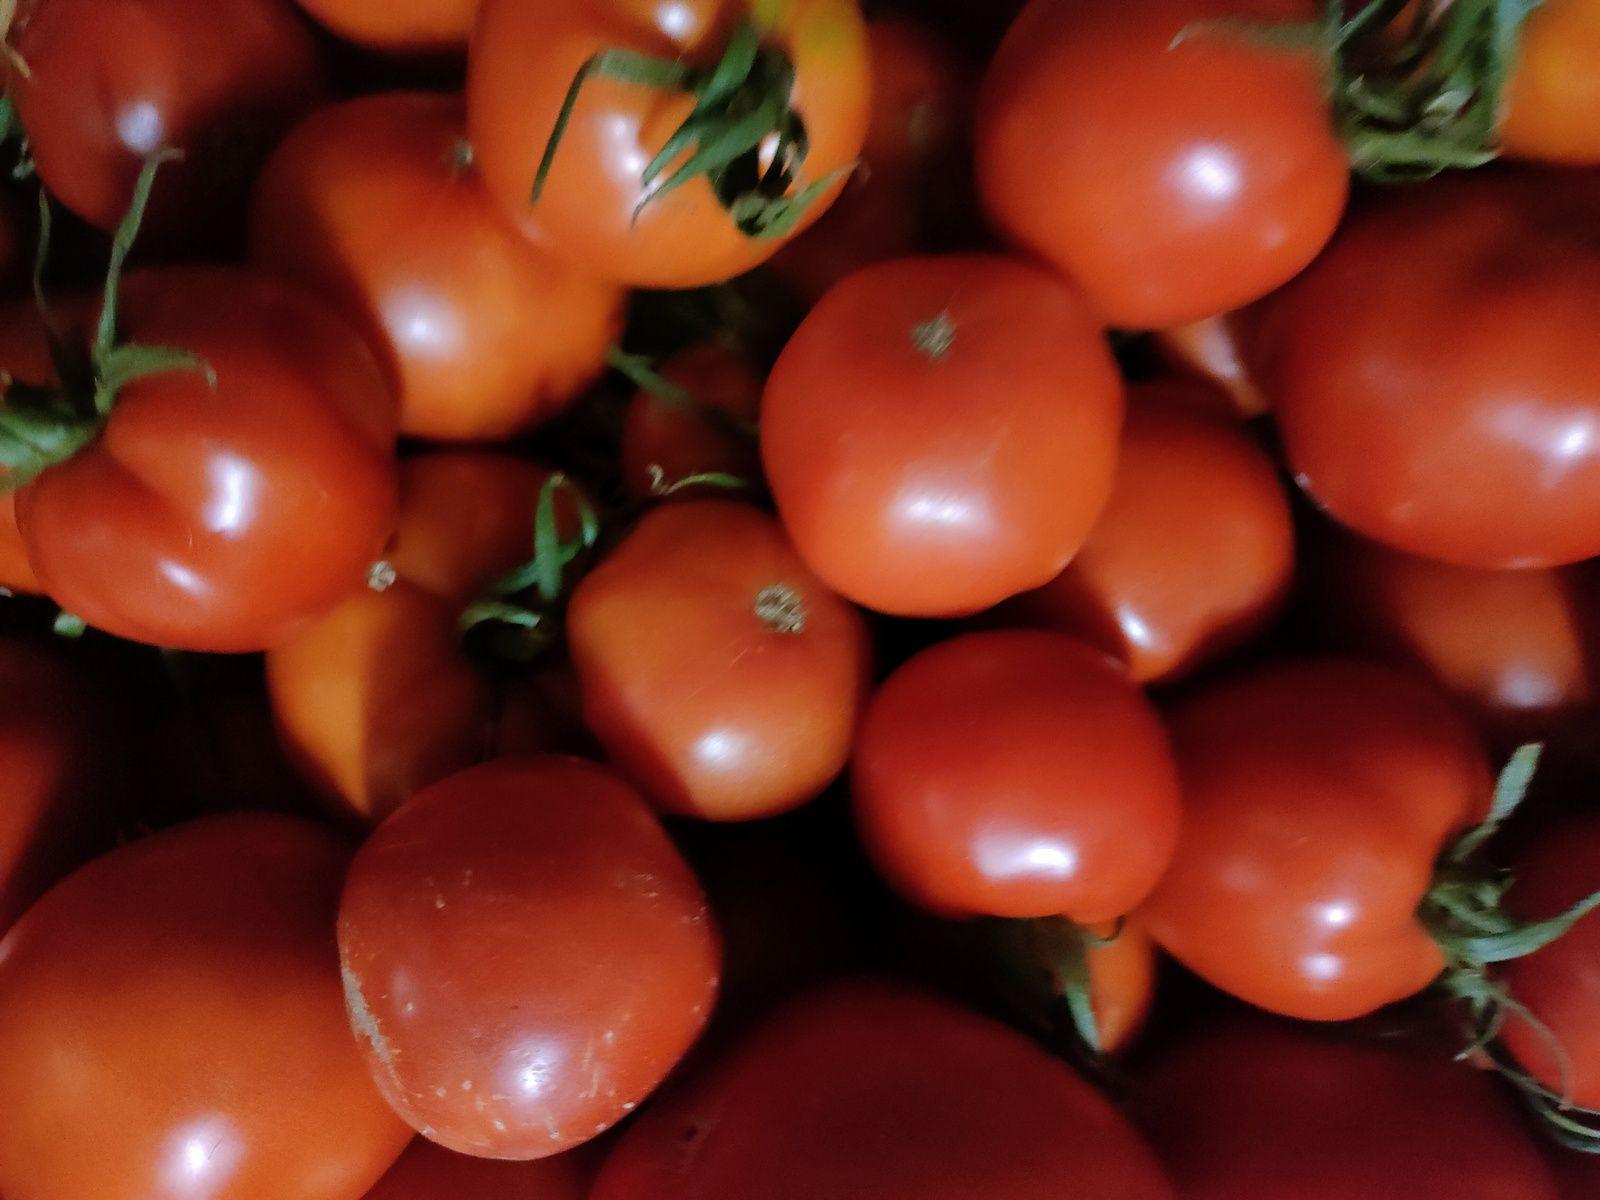 10kg 25€ 🍅🍅🍅 c'est la tomate 🍅🍅🍅